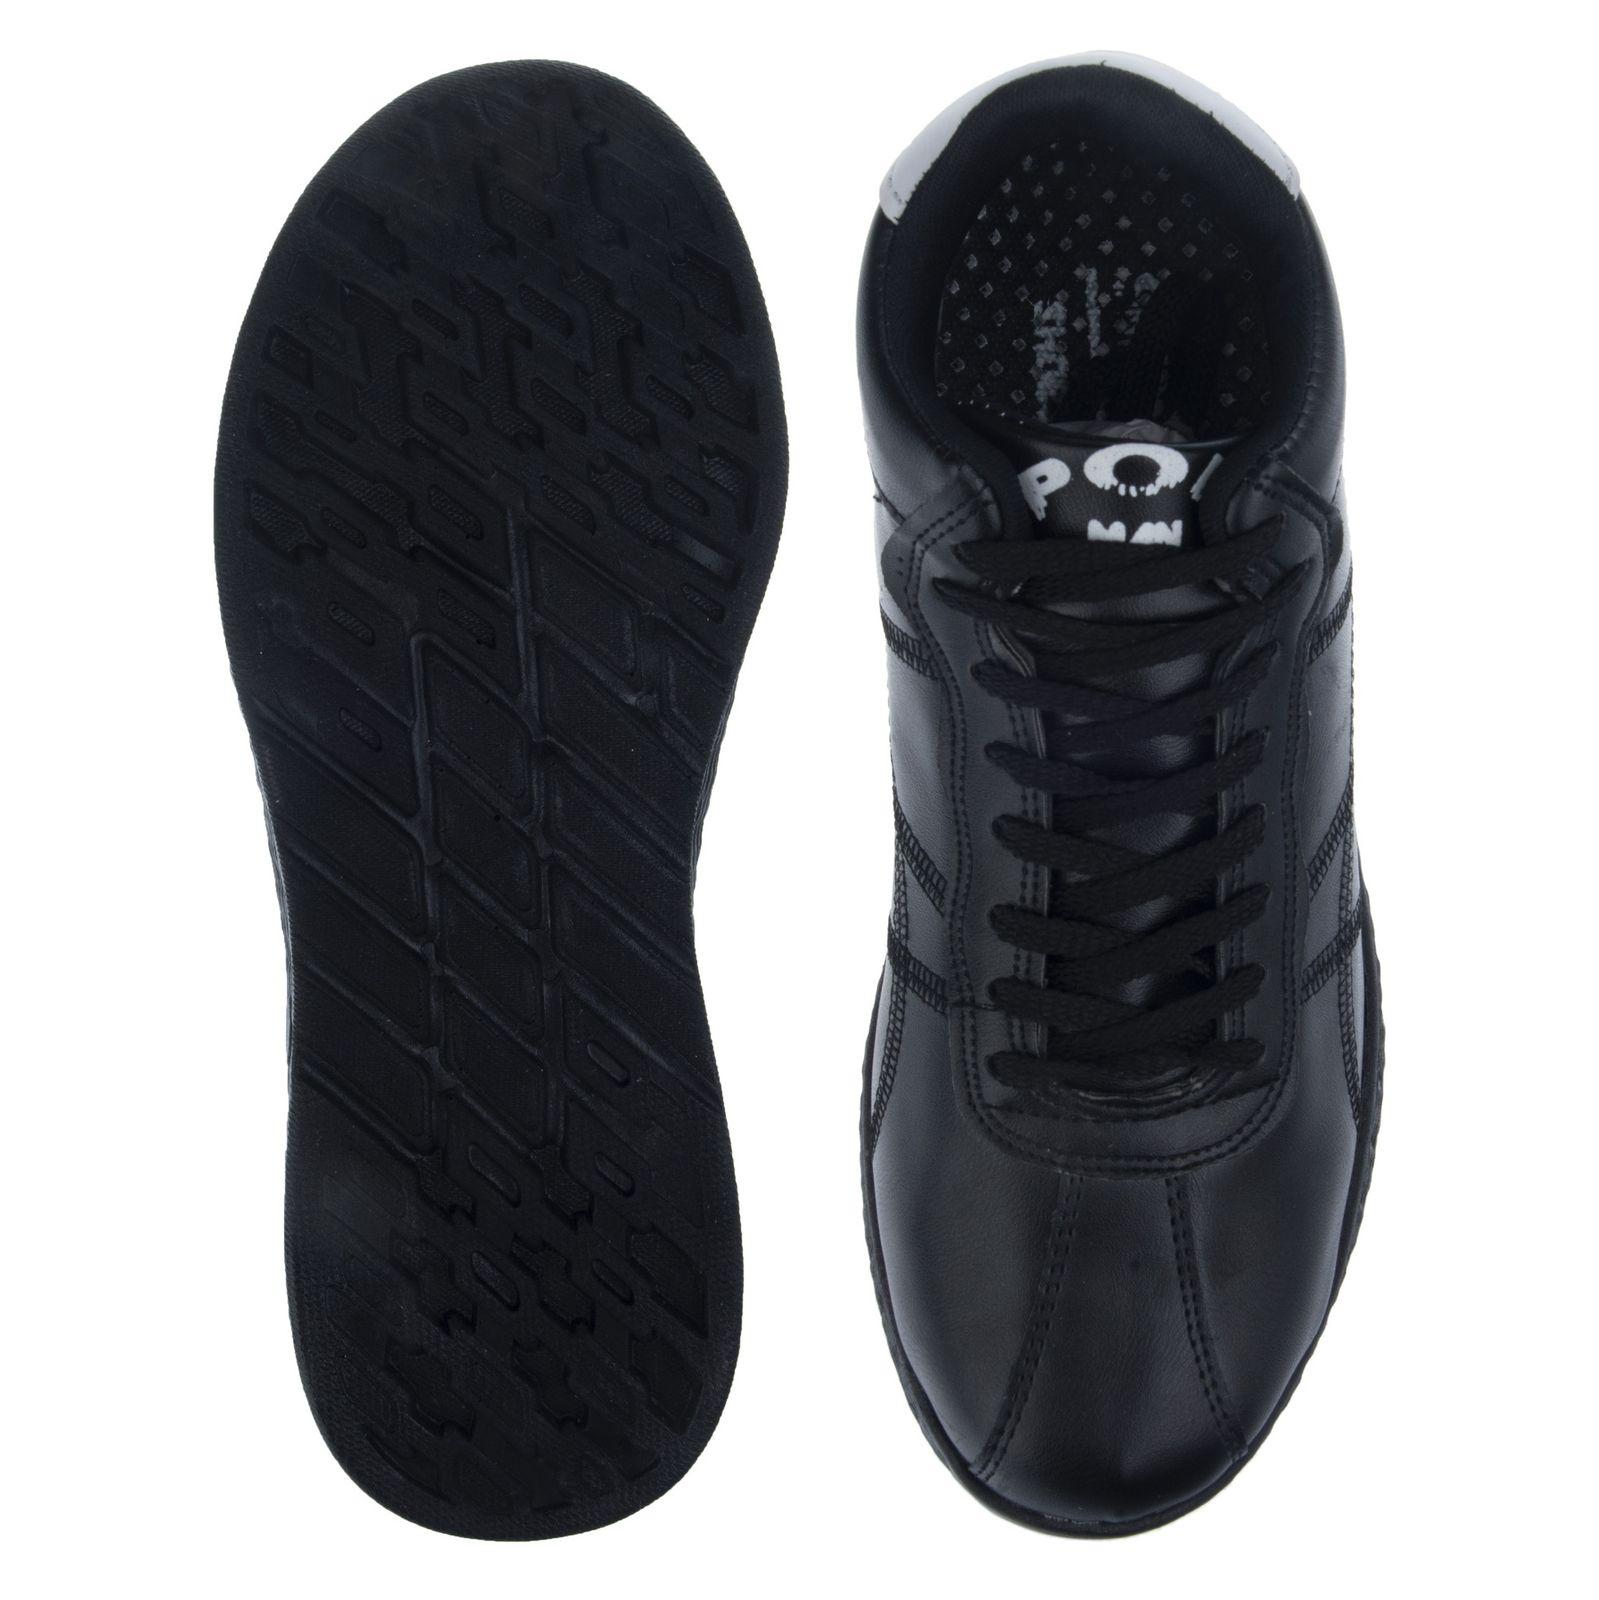 کفش ورزشی مردانه اسپرت من مدل 39785-1-1 main 1 5